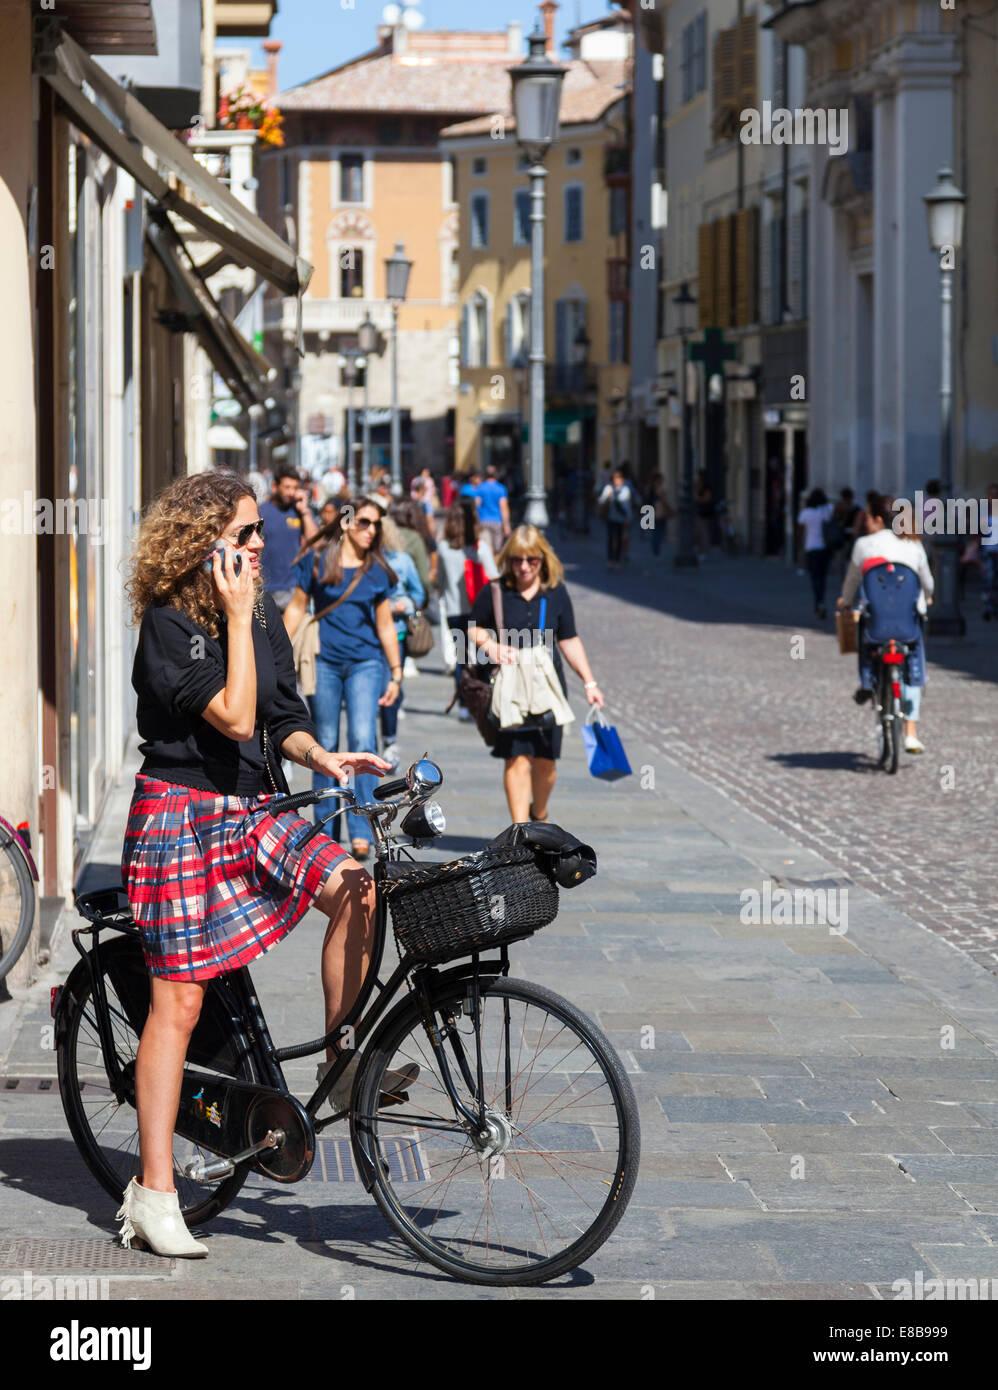 Jeune femme dans une jupe talking on mobile phone alors que sur une bicyclette, Parme, Emilie-Romagne, Italie Photo Stock